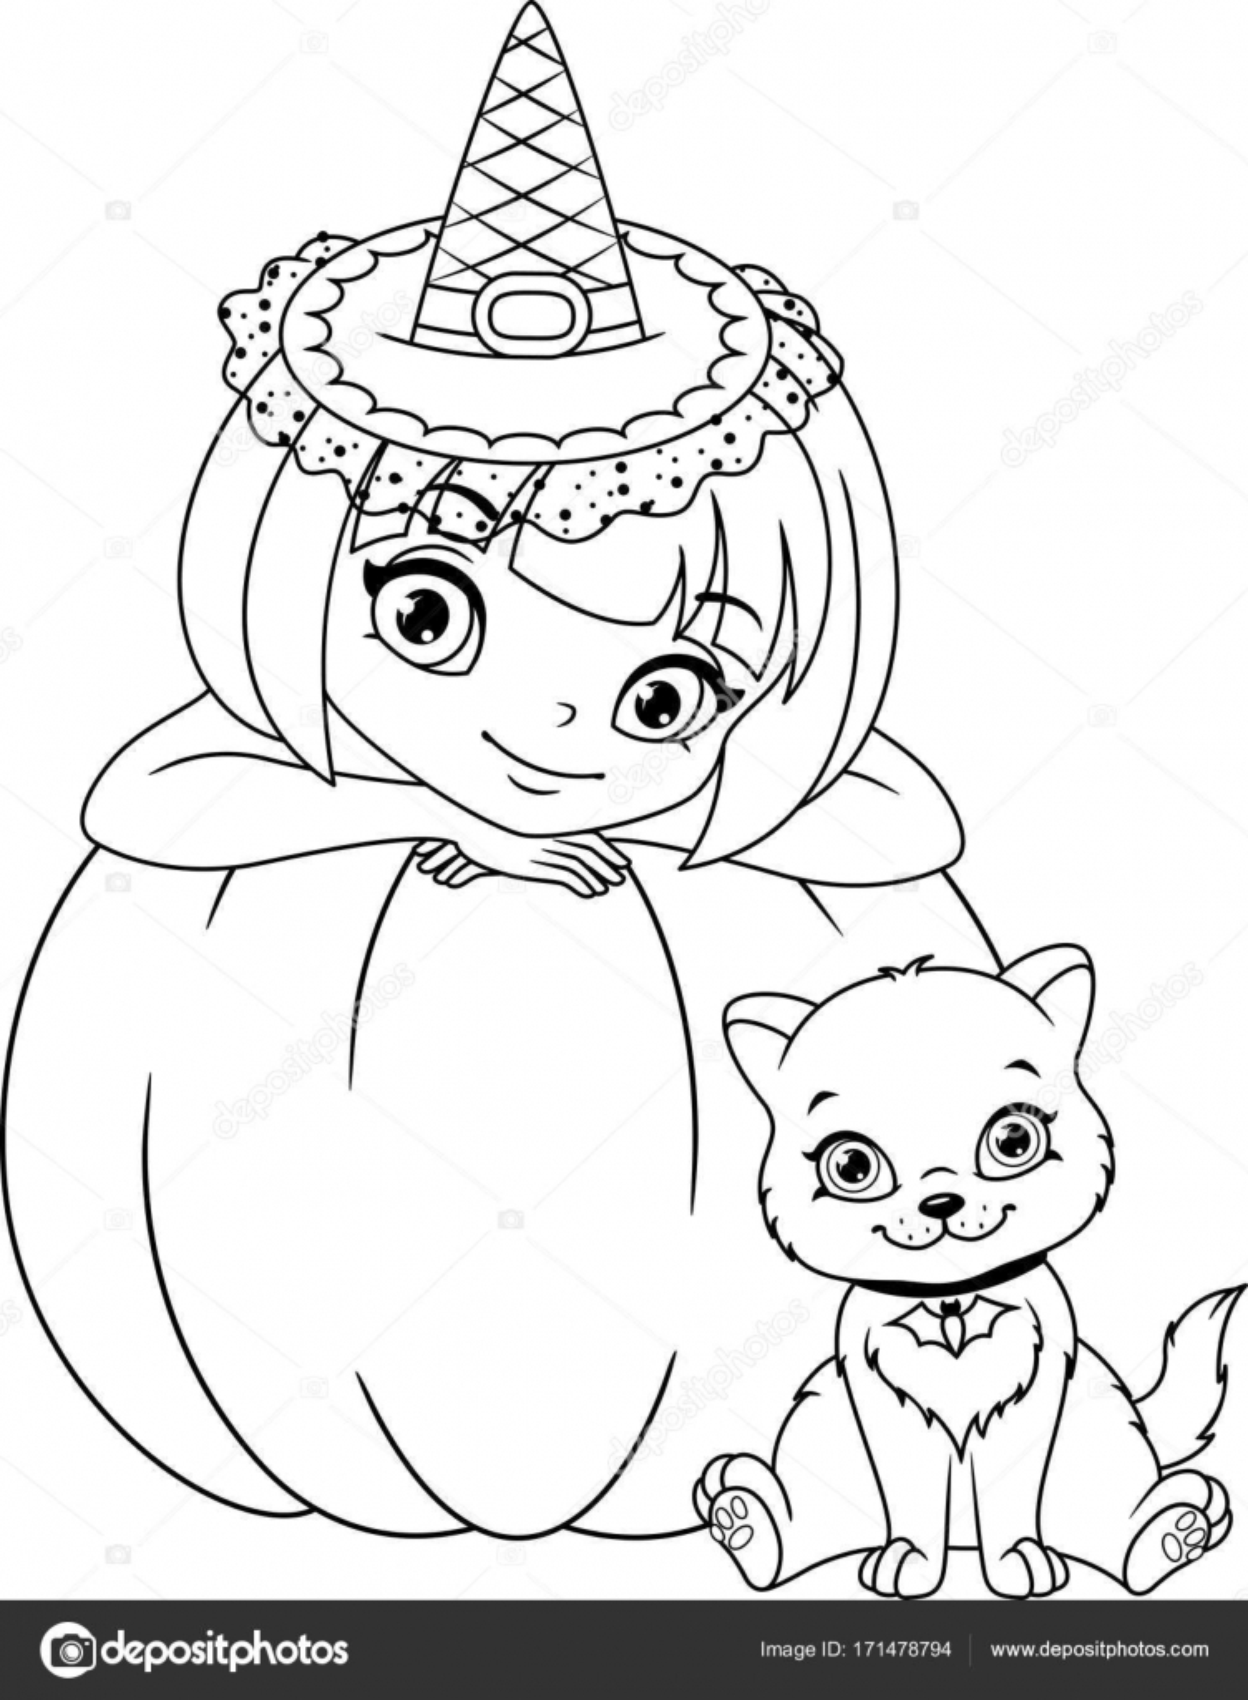 Hexe mit Katze Malvorlagen — Stockvektor © Malyaka #171478794